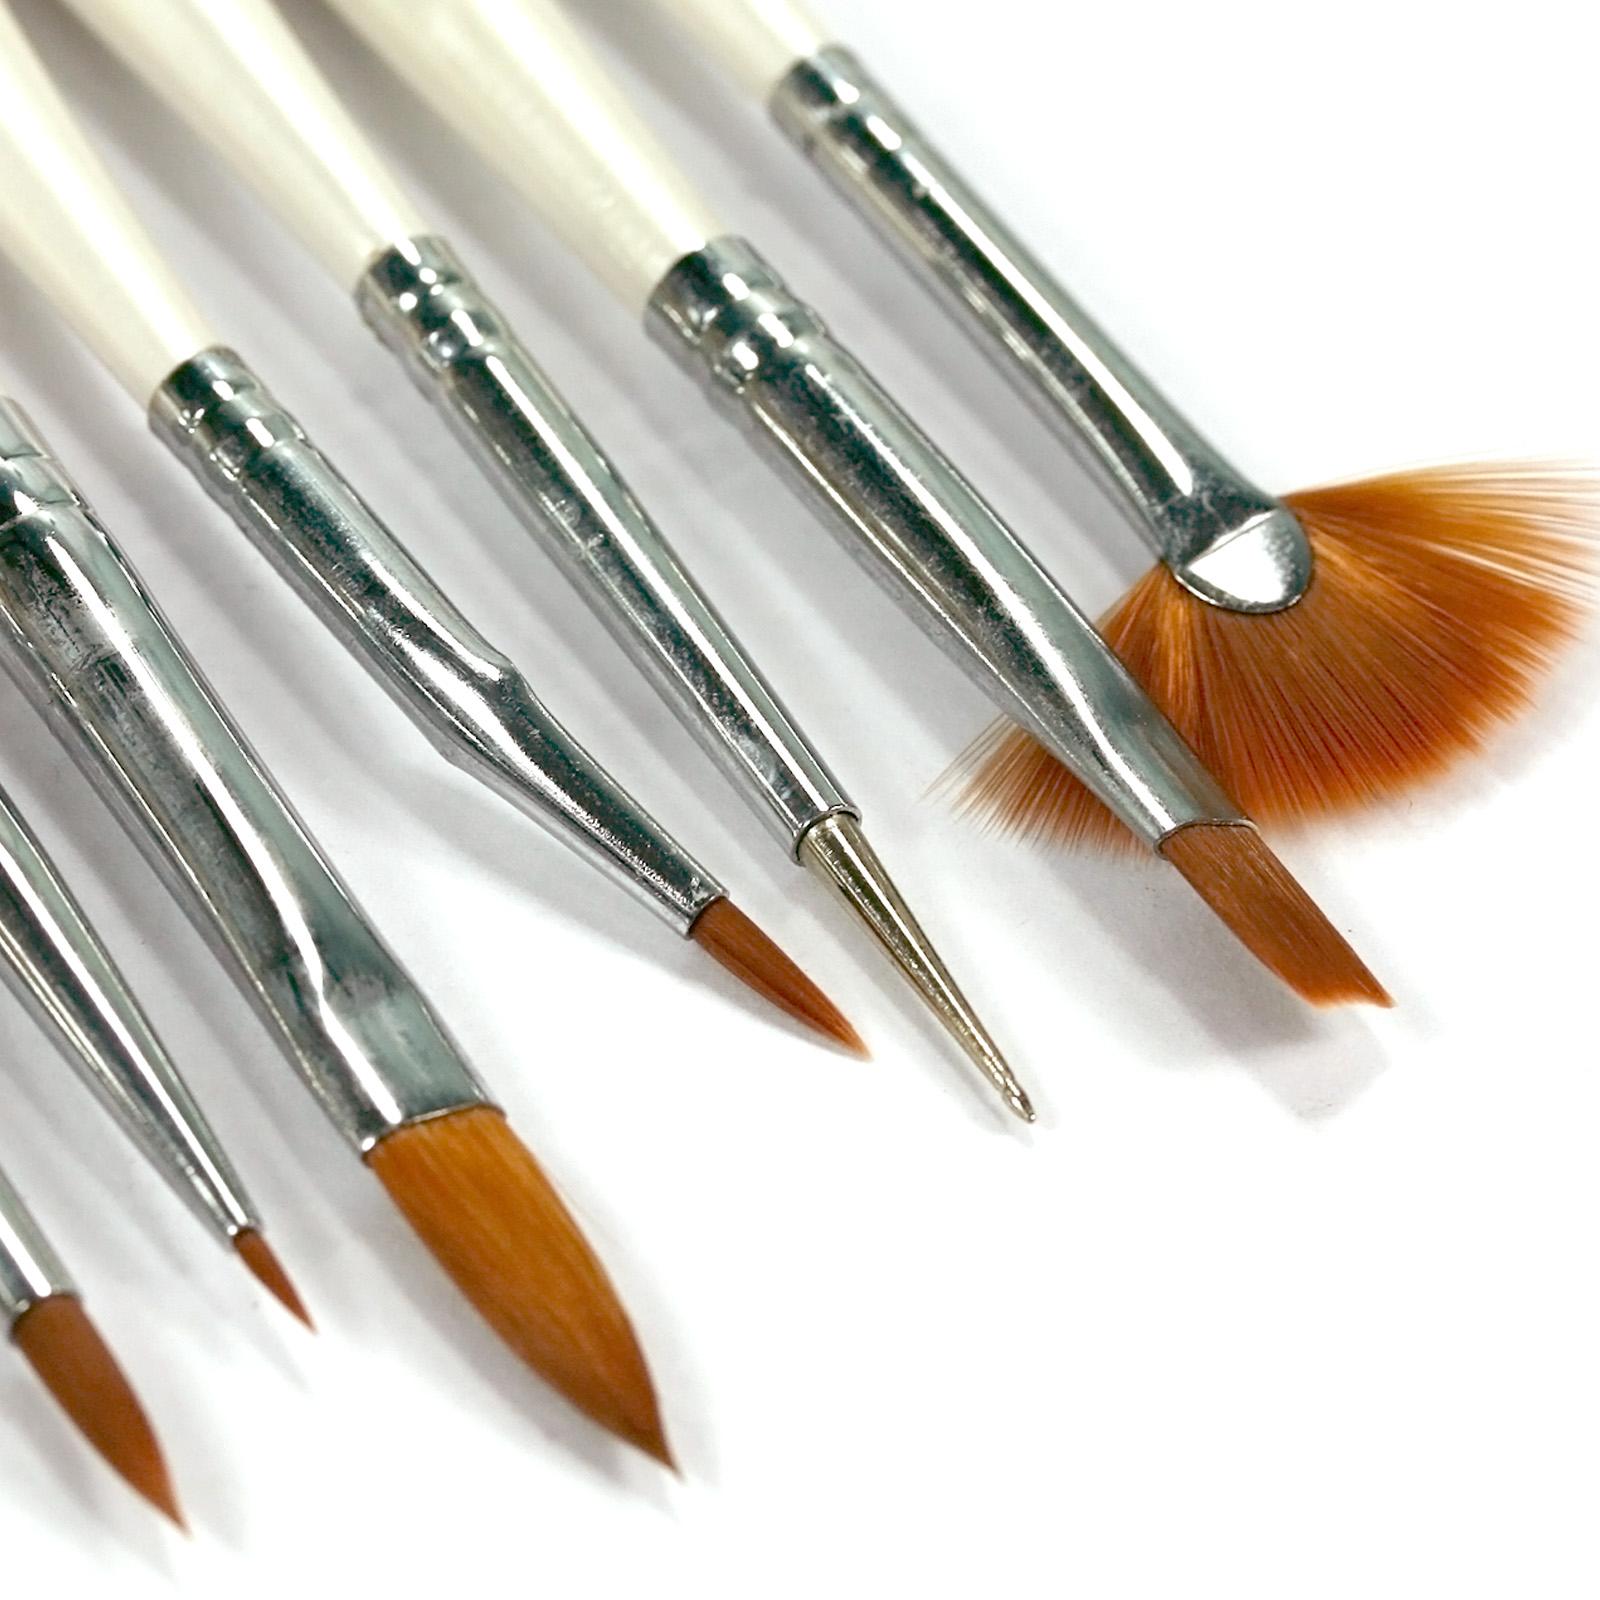 9PCS Nail Art Dotting Pen Gel Nail Polish Painting Brush